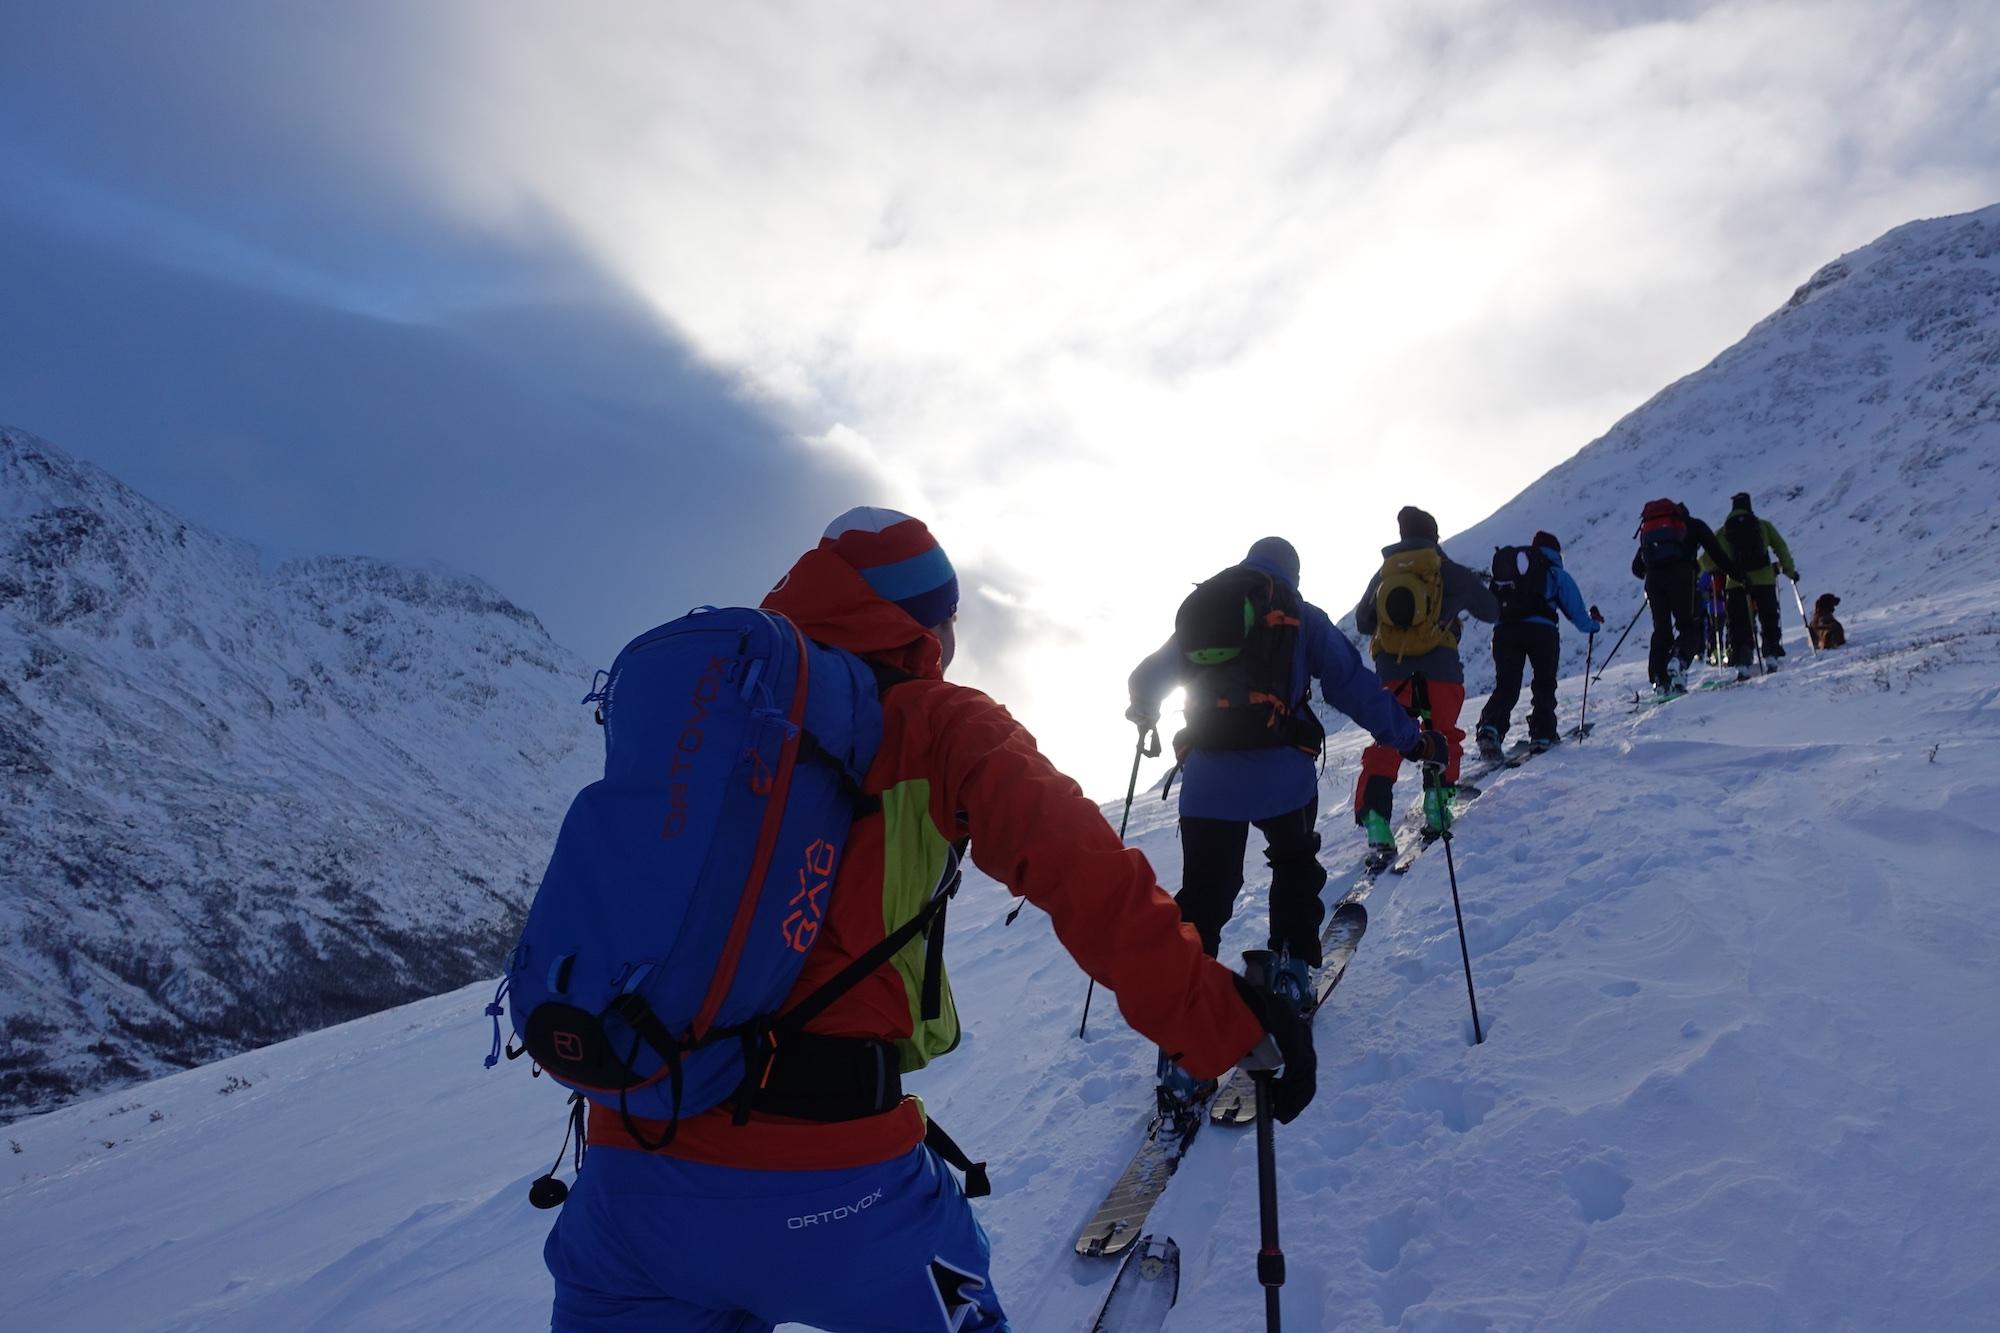 Inn i sola, opp på fjellet på guida skiturar med Gjendeguiden.